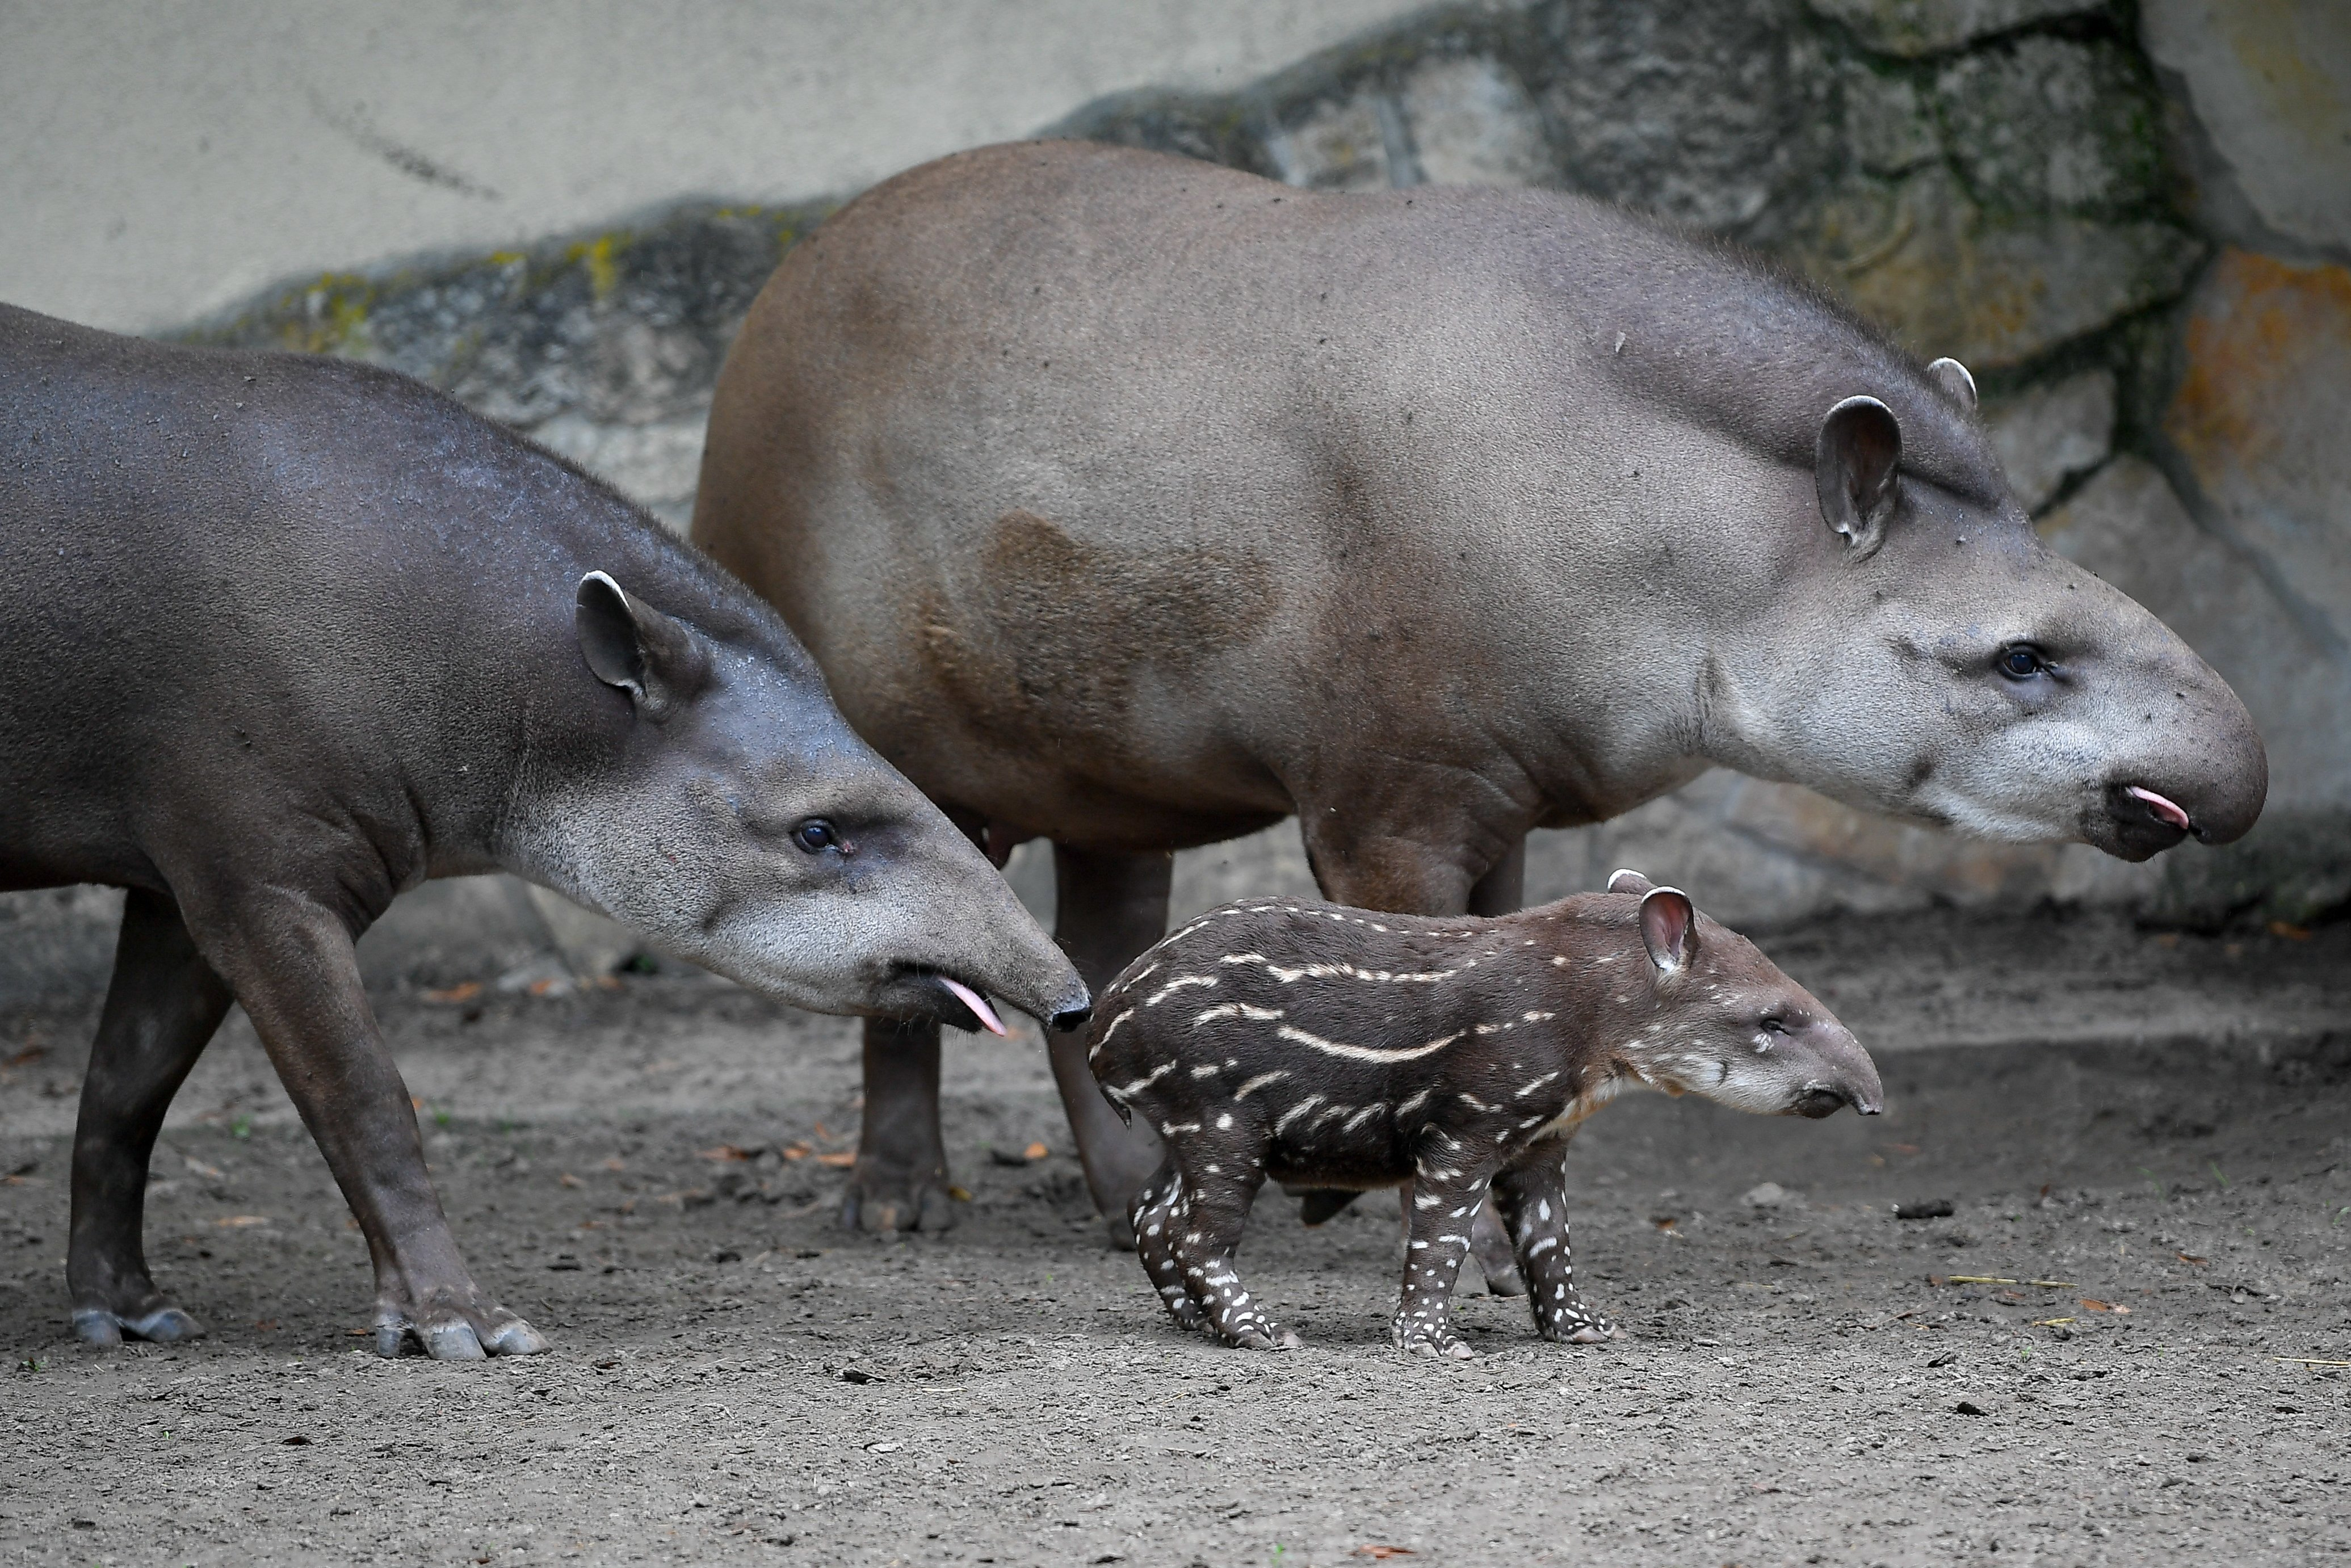 Még csak 3 napos, de már bemutatták a debreceni állatkert új tapírkölykét